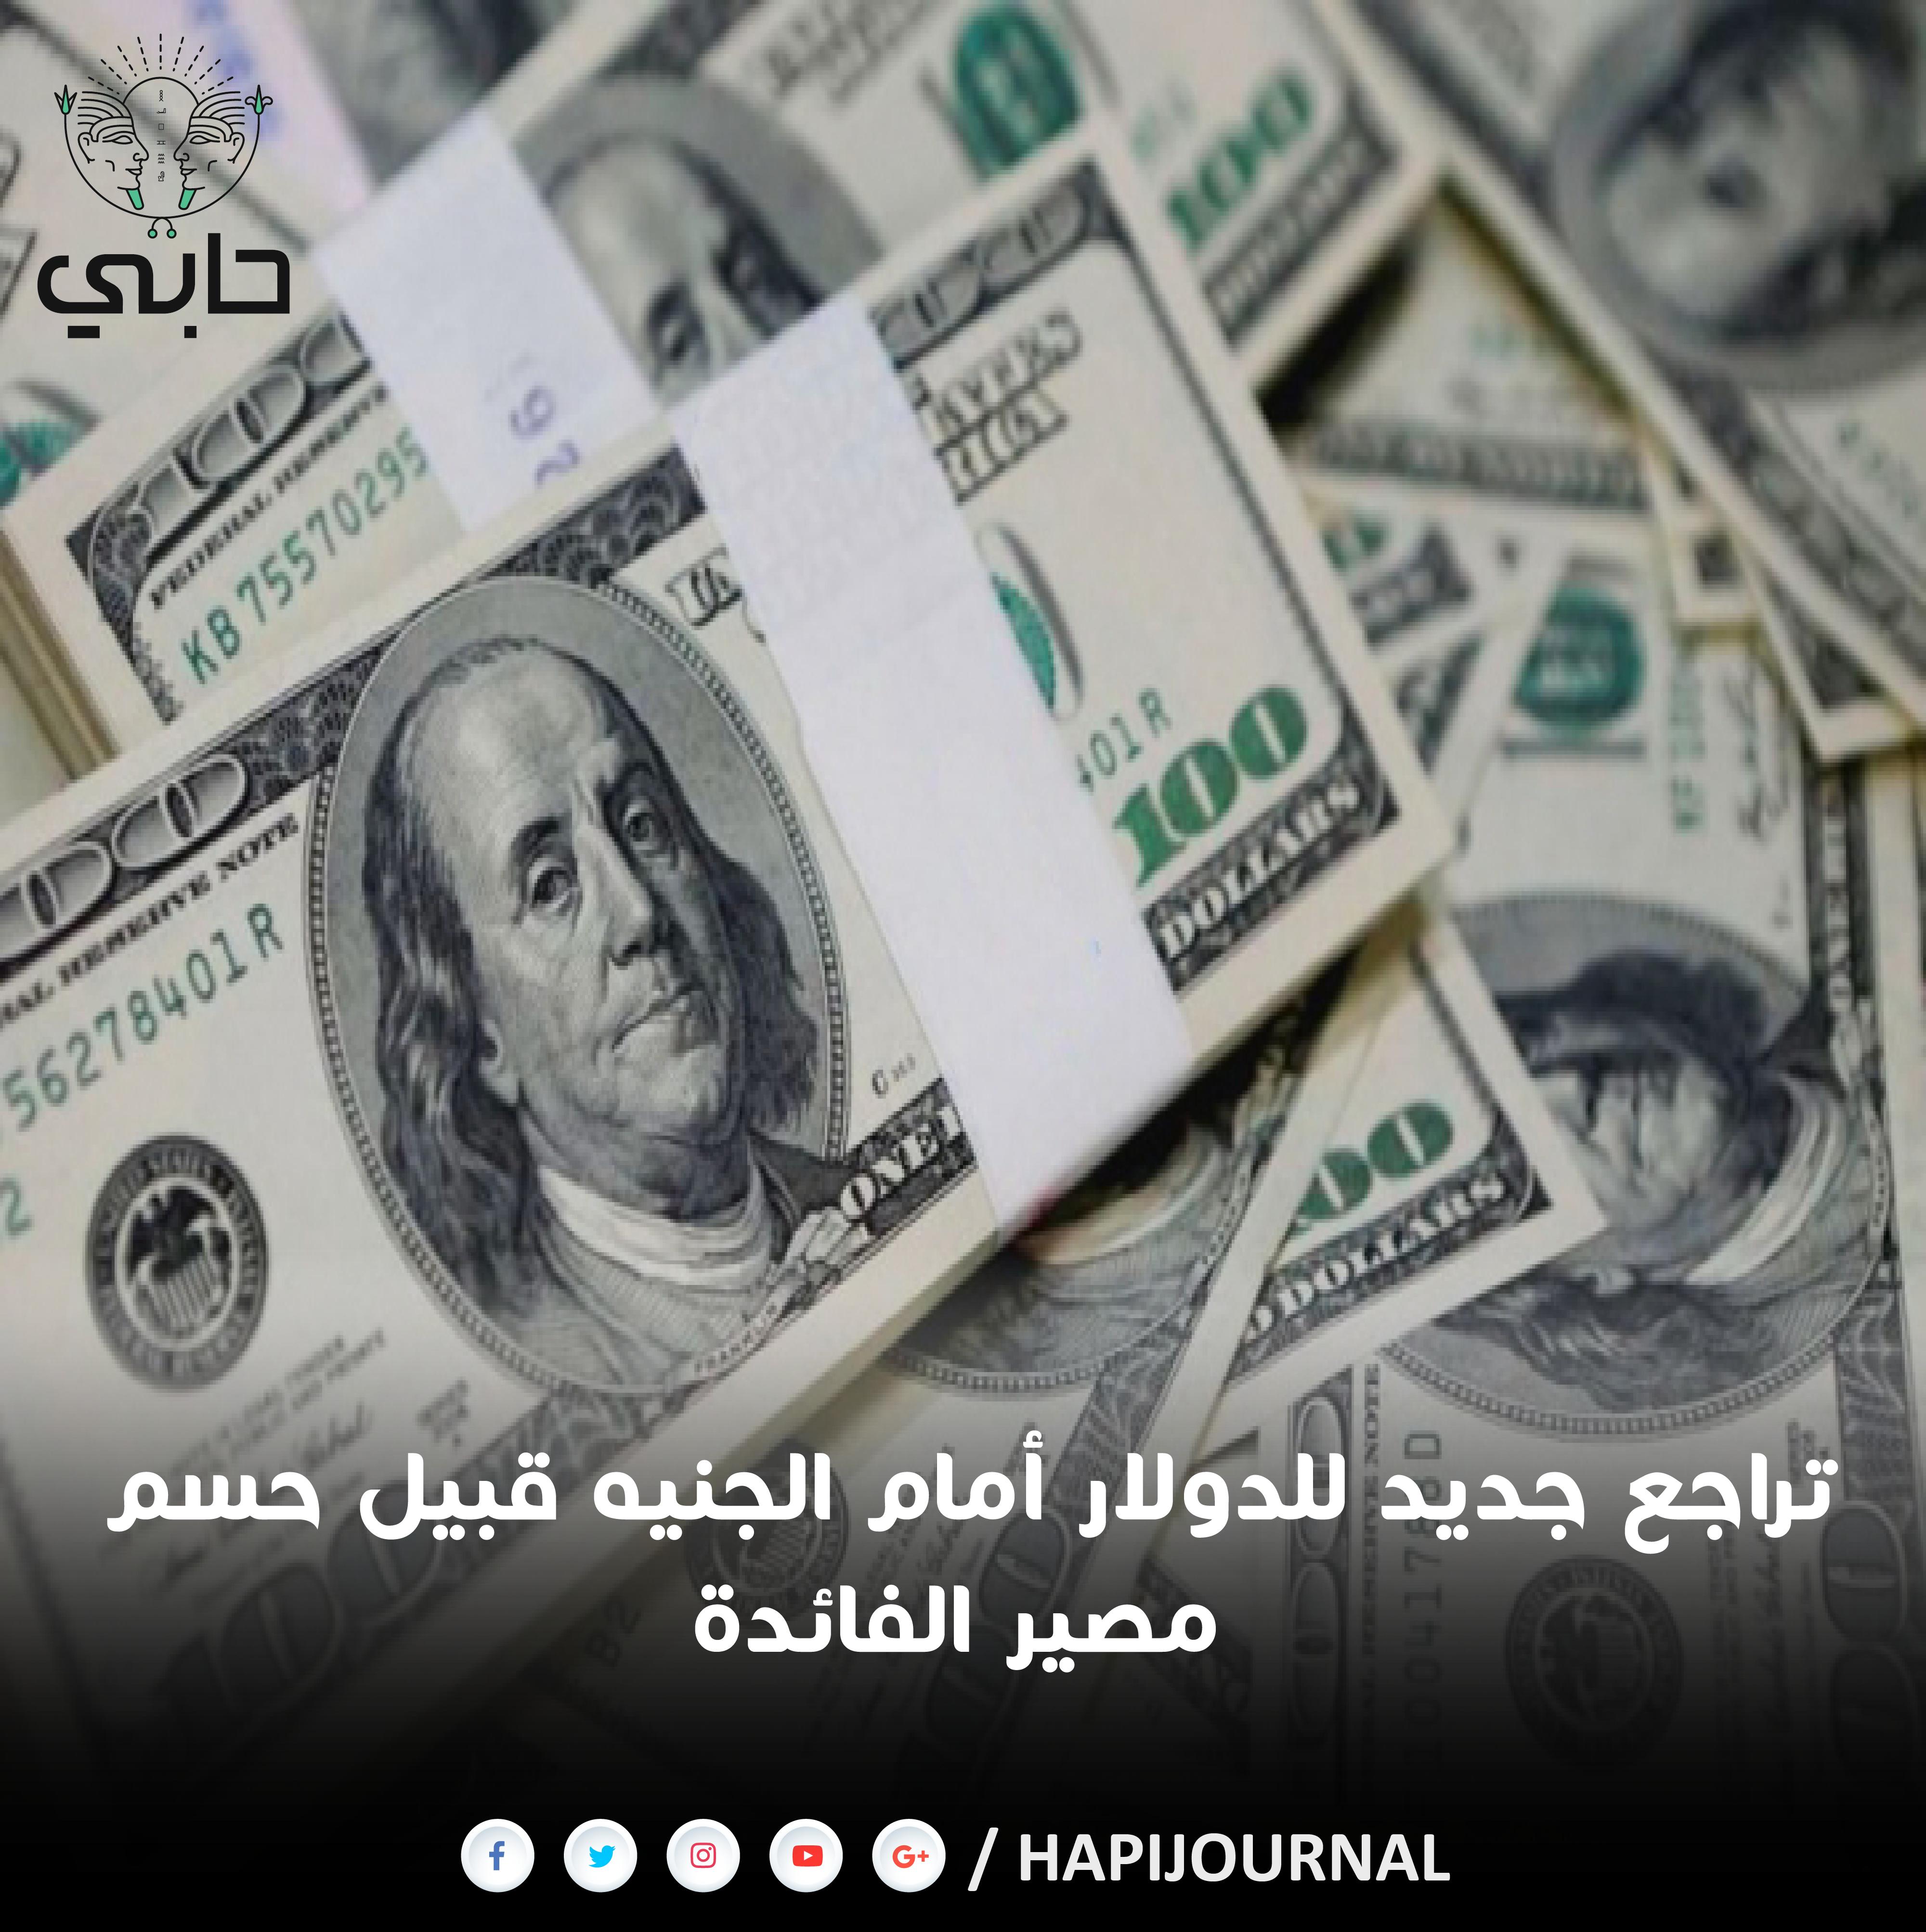 سعر صرف الدولار الاميركي مقابل الليرة اللبنانية اليوم الثلاثاء 18 8 2020 موقع قناة المنار لبنان